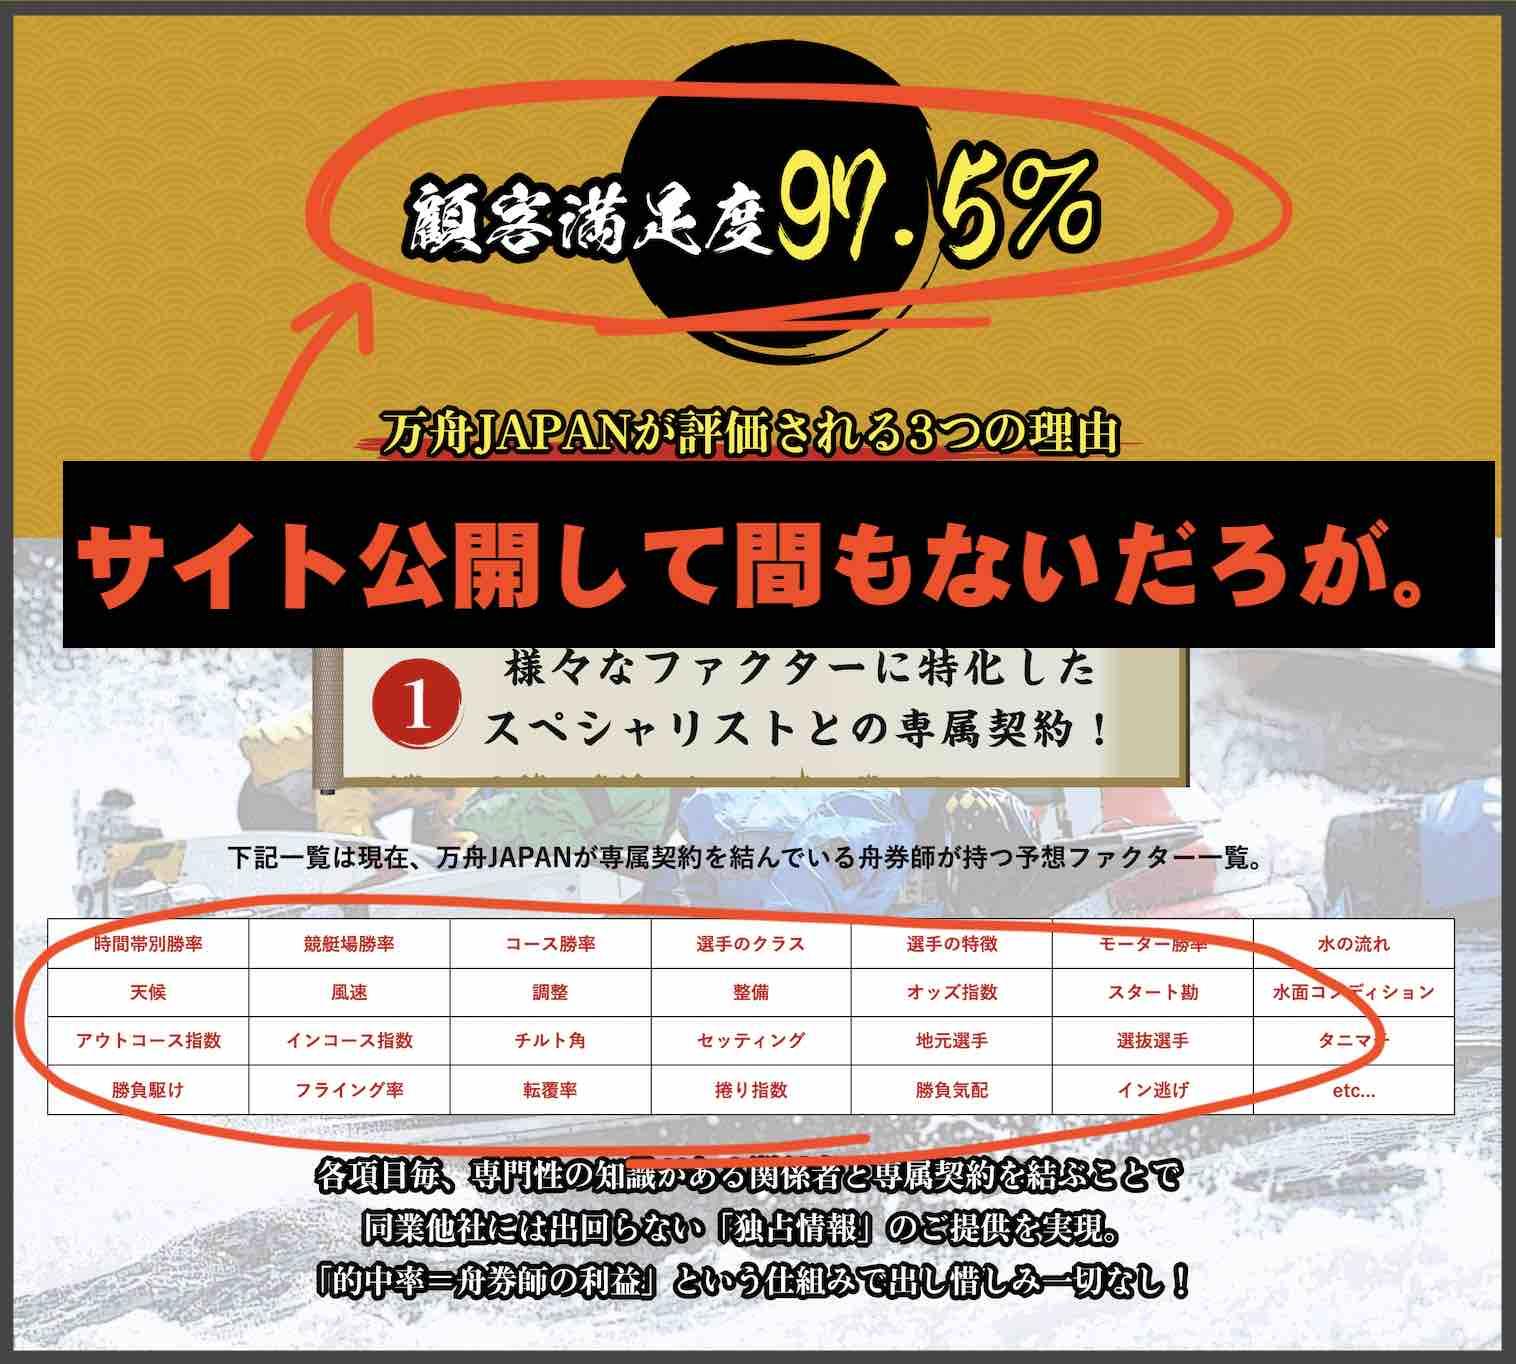 万舟JAPAN(万舟ジャパン)という競艇予想サイト(ボートレース予想サイト)の非会員TOPの戯言